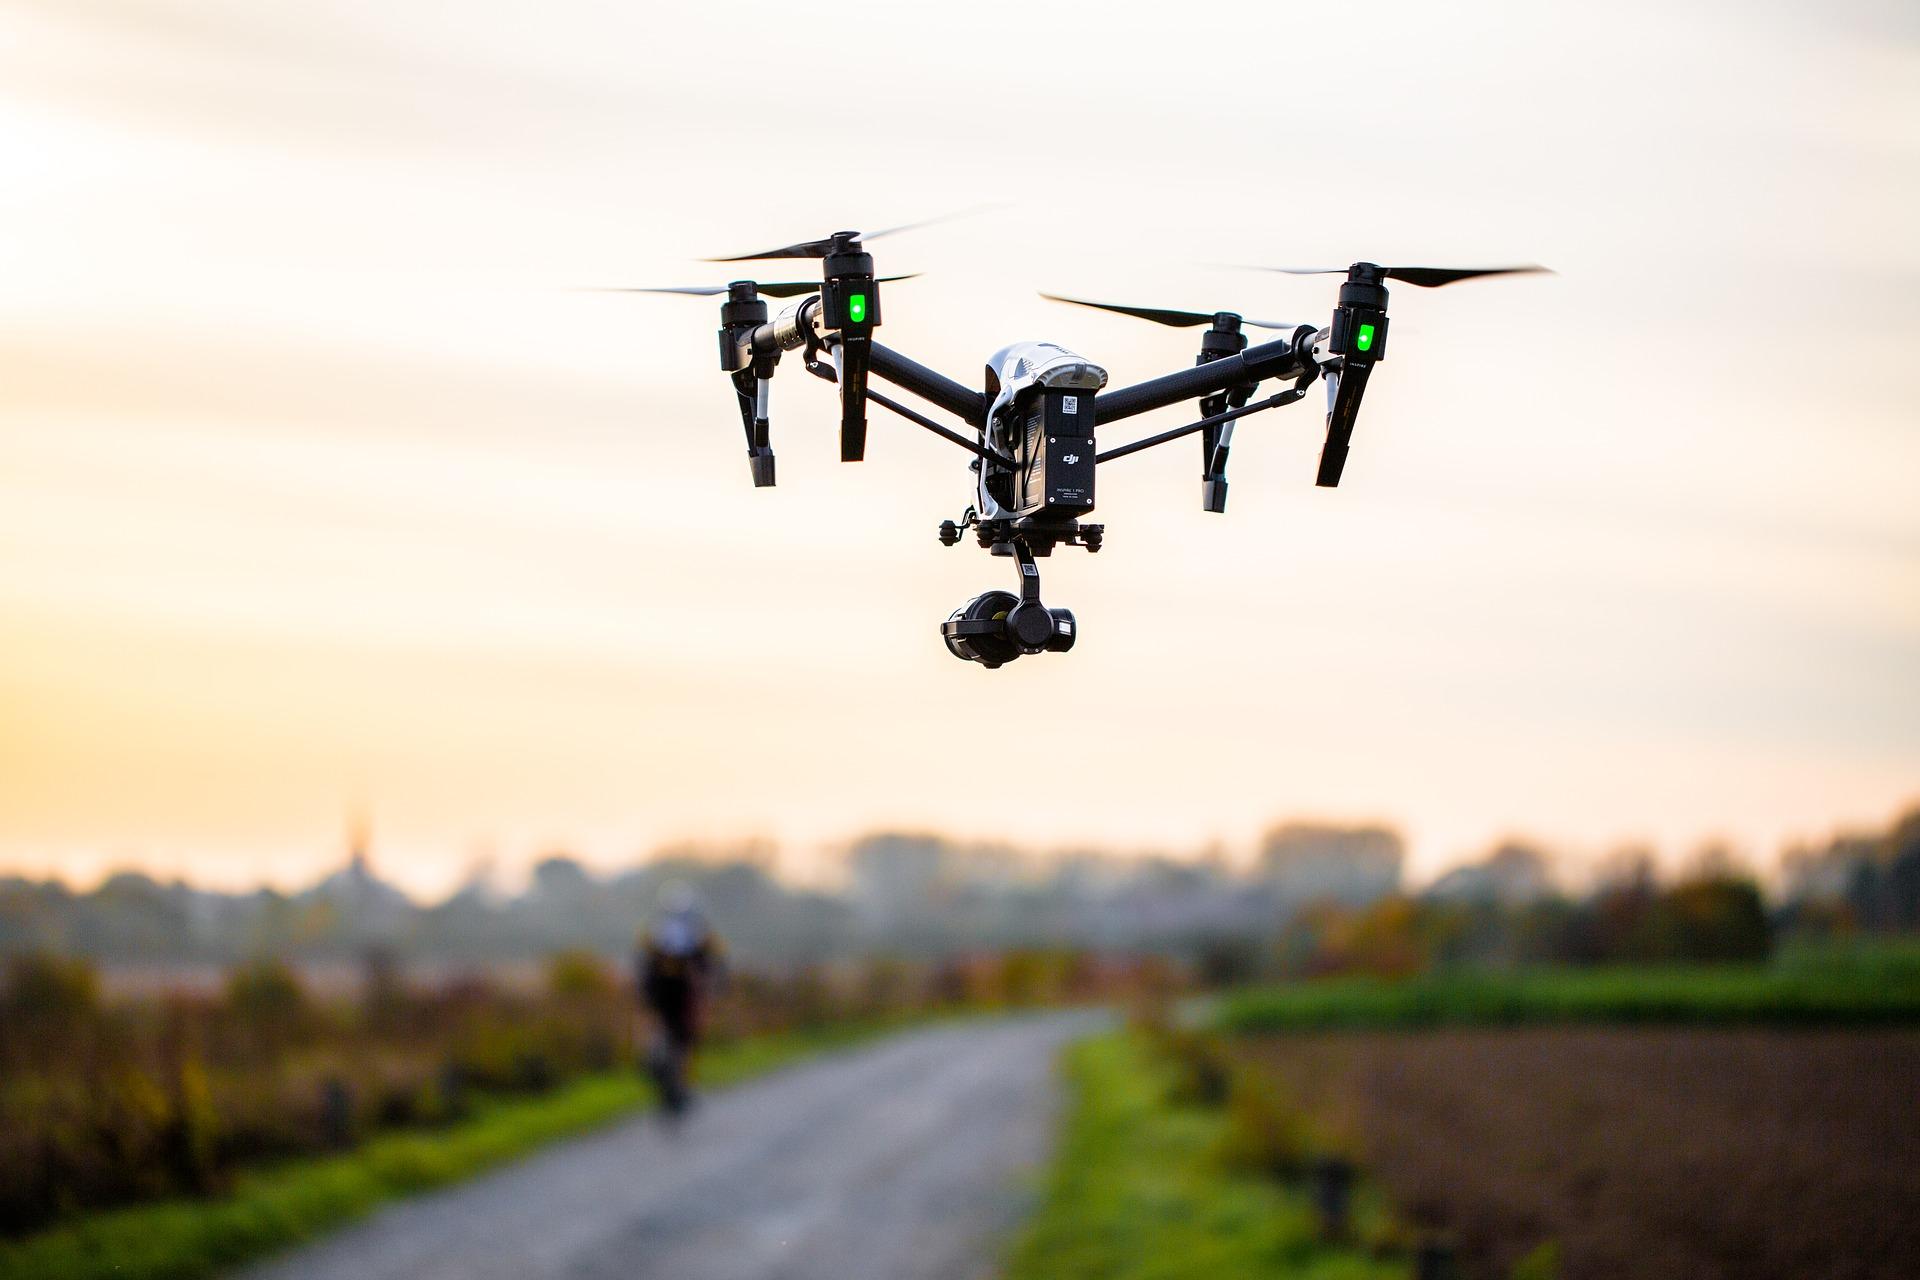 Wir erstellen mit unseren Drohnen hochauflösende Luftaufnahmen.